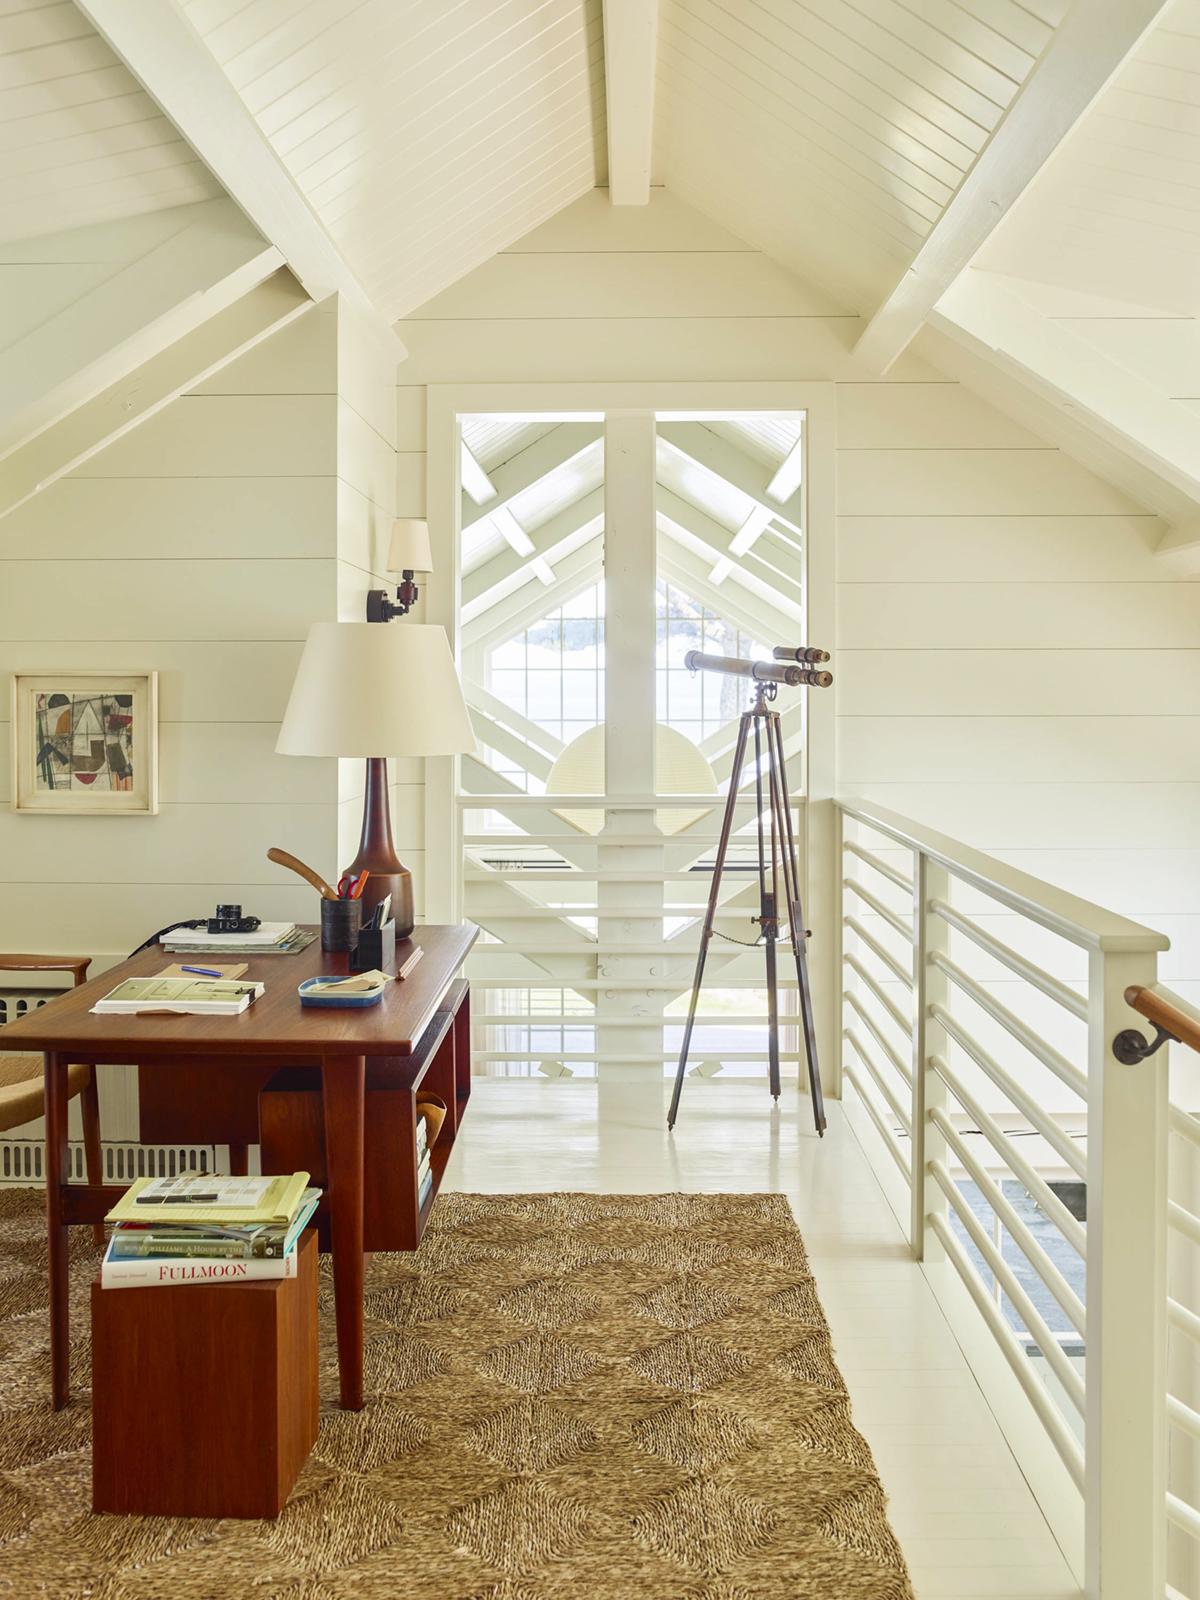 un bureau ouvert dans une maison de style cottage en bord de mer | design by gil schafer sur coco kelley